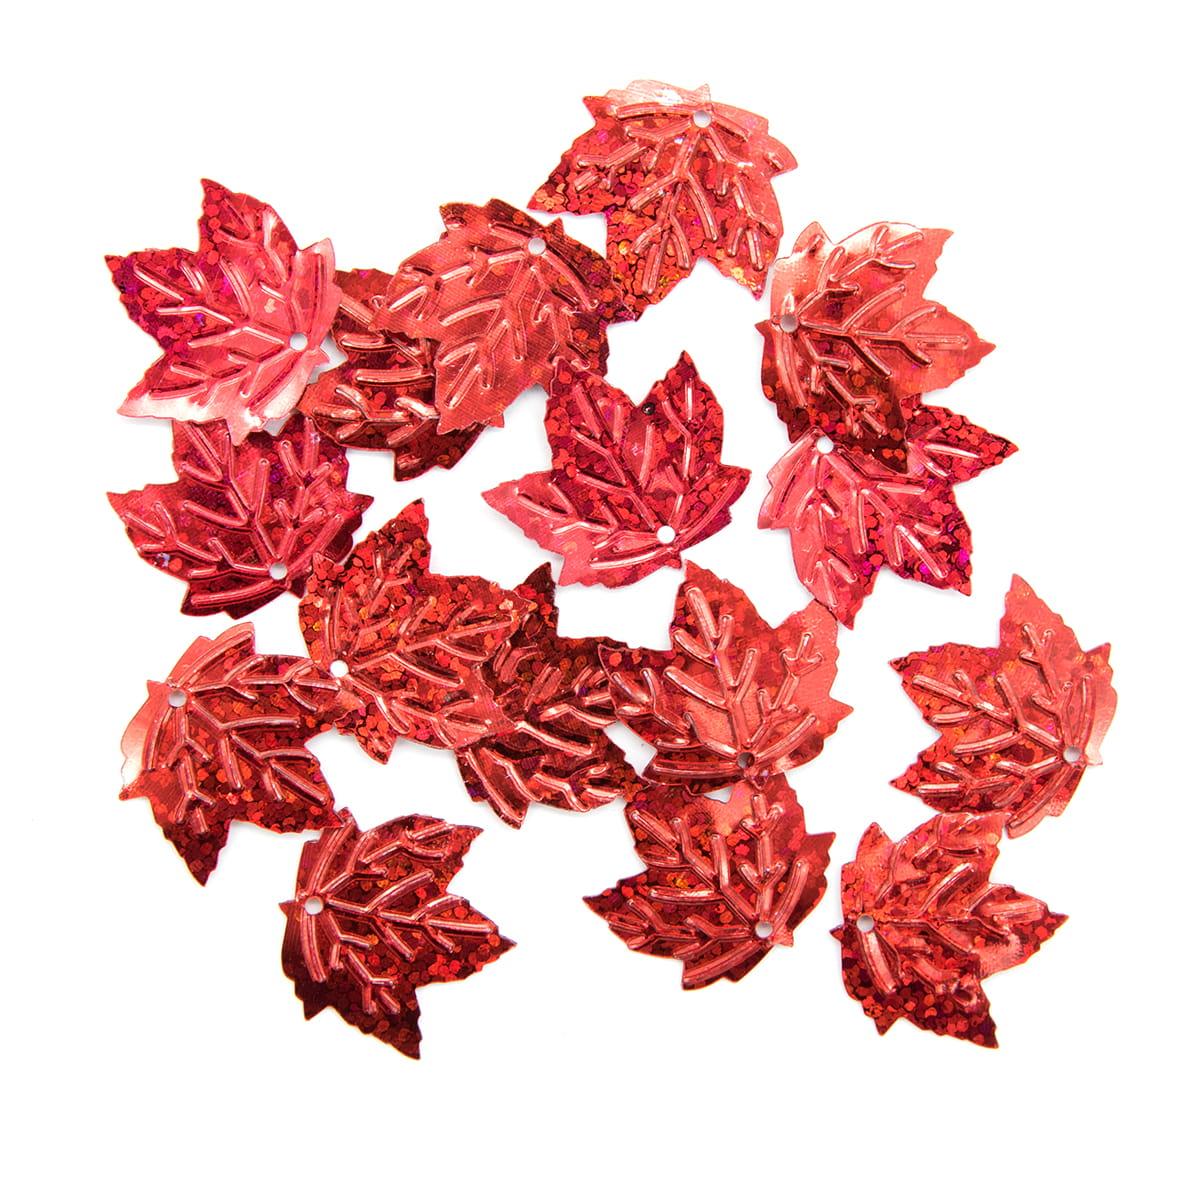 Пайетки 'кленовый лист', 22*22 мм, упак./10 гр., 'Астра'